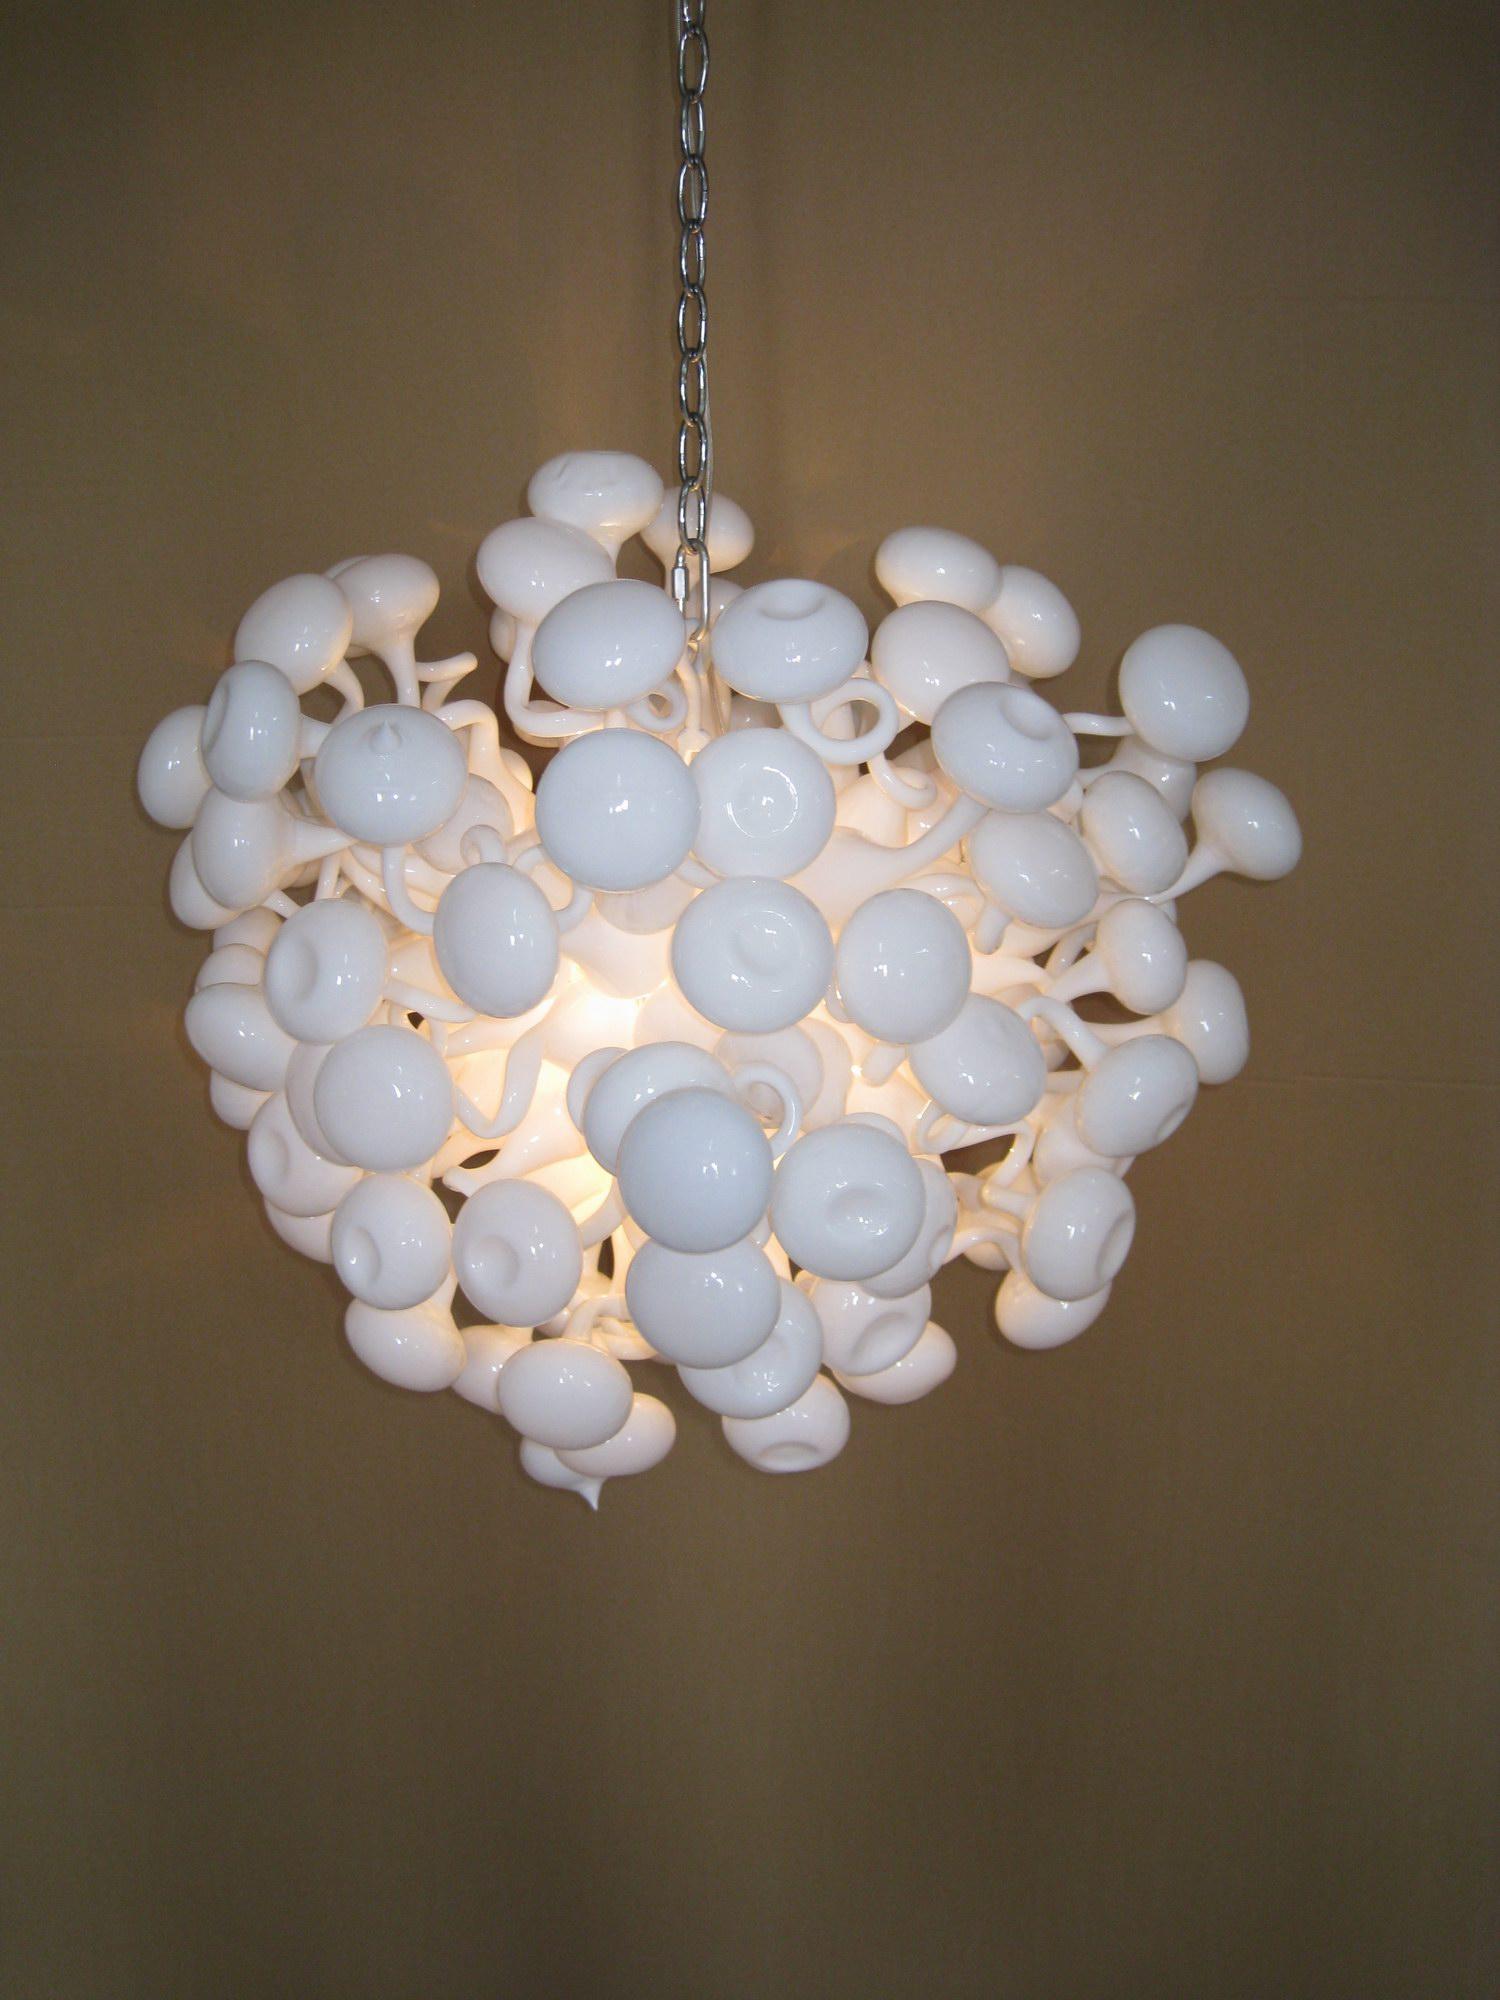 Quality home decor blown murano glass white ball ceiling for Quality home decor